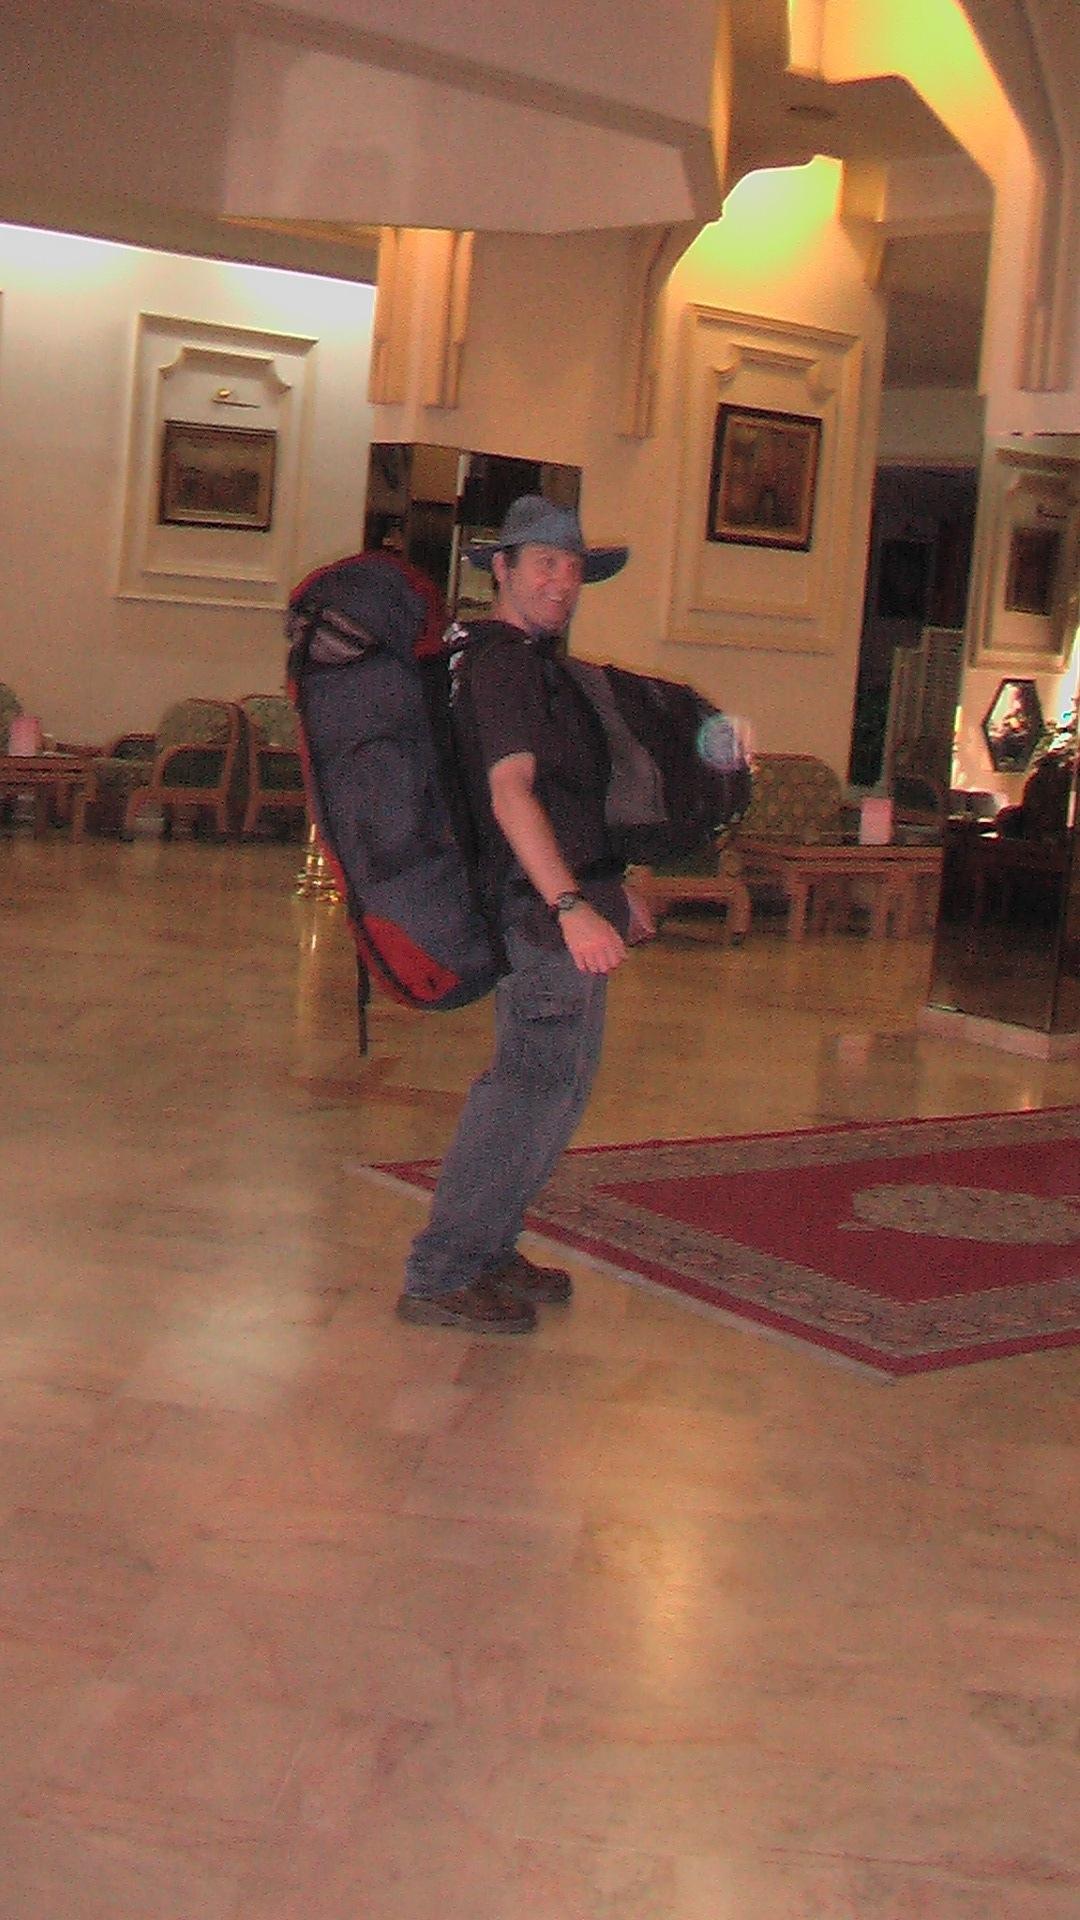 תרמילאי במלון בקזבלנקה -- מרוקו